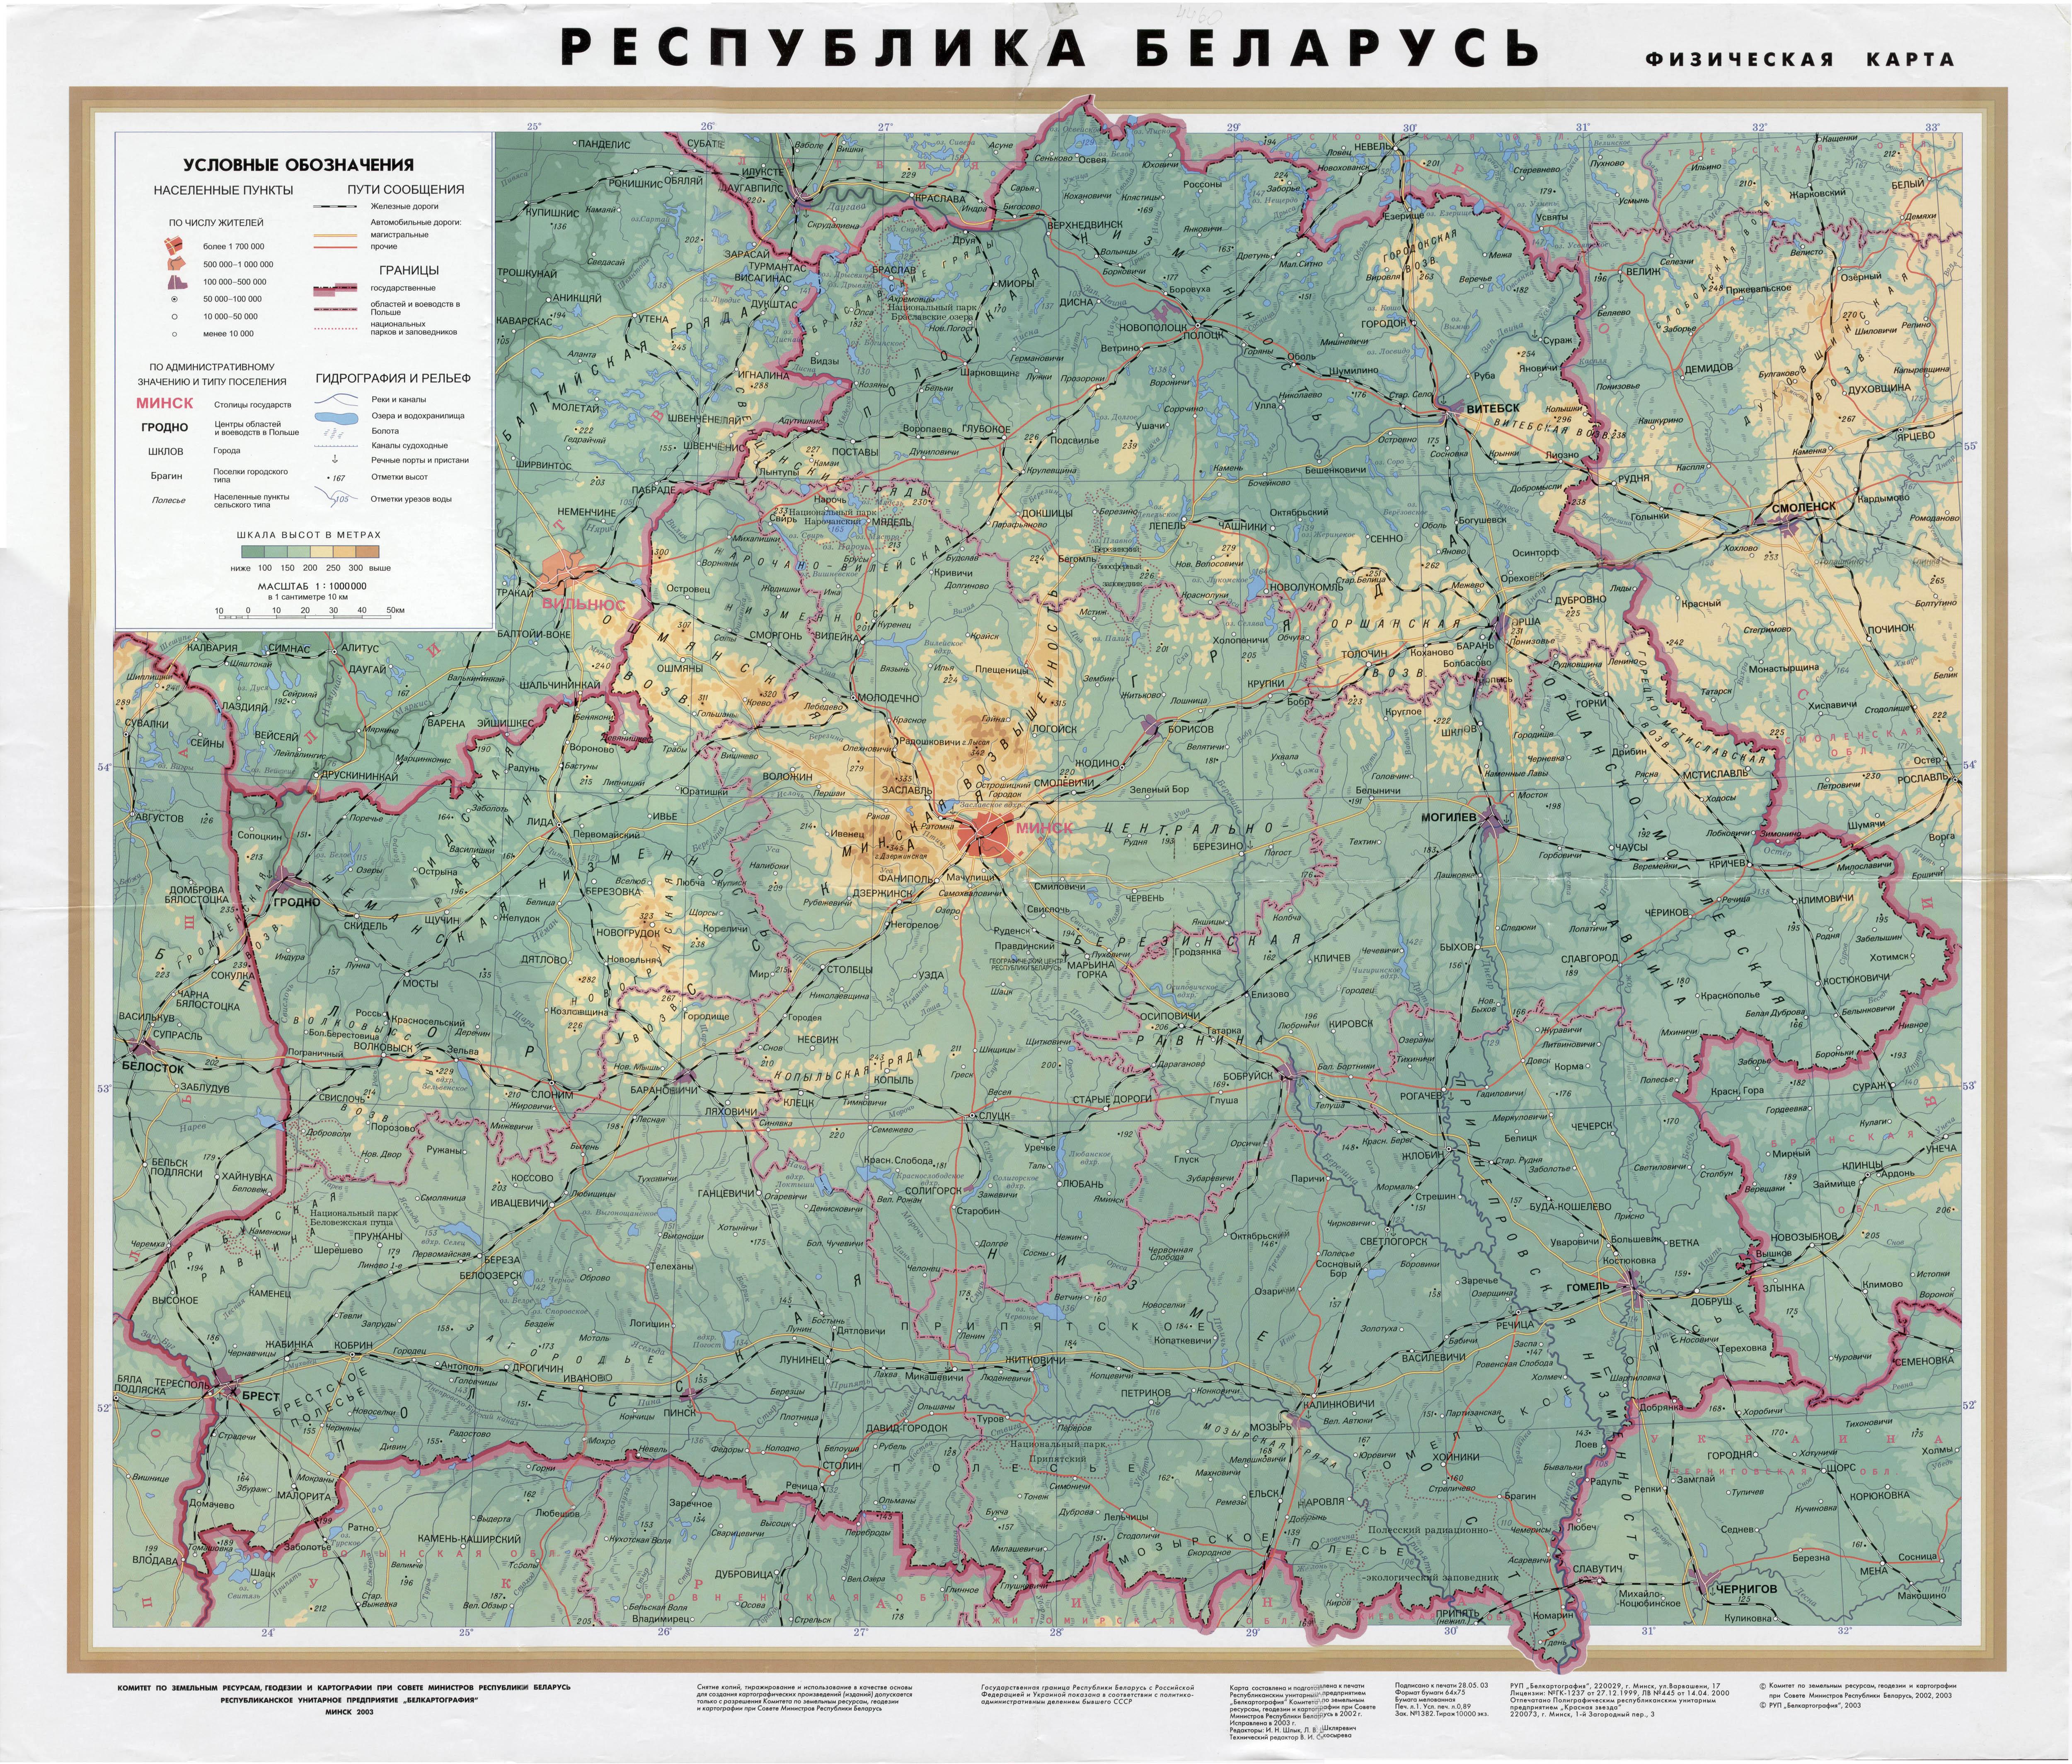 Карта беларуси в формате nm2 скачать бесплатно